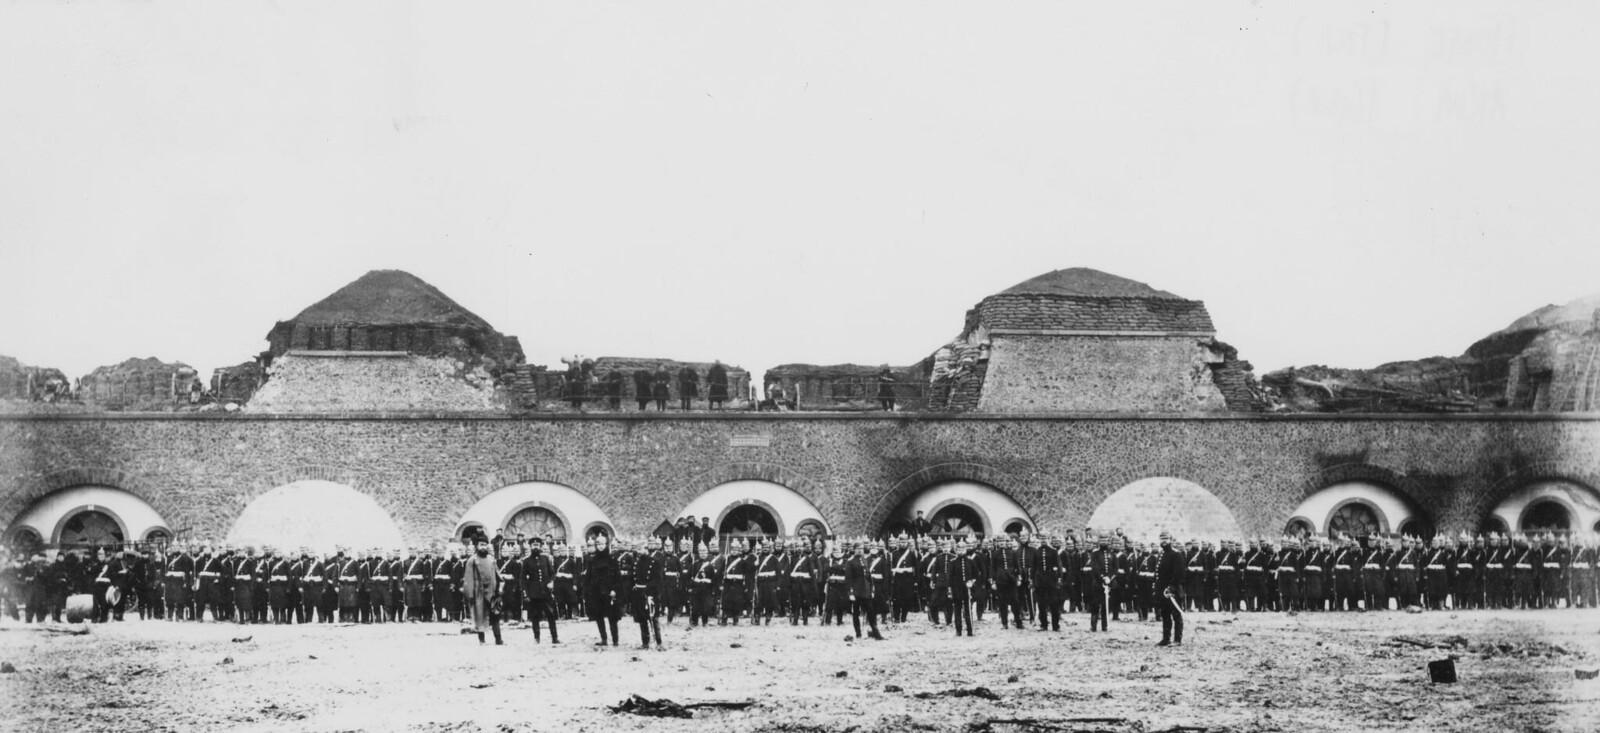 1871. Солдаты прусского 82-го пехотного полка на параде в руинах форта Исси близ Версаля во время осады Парижа. 1 февраля